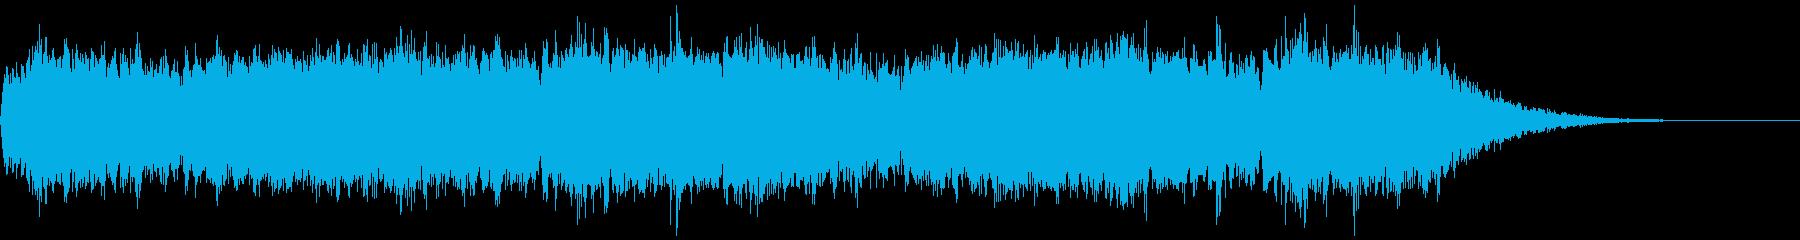 深い闇 ホラーアンビエントの再生済みの波形